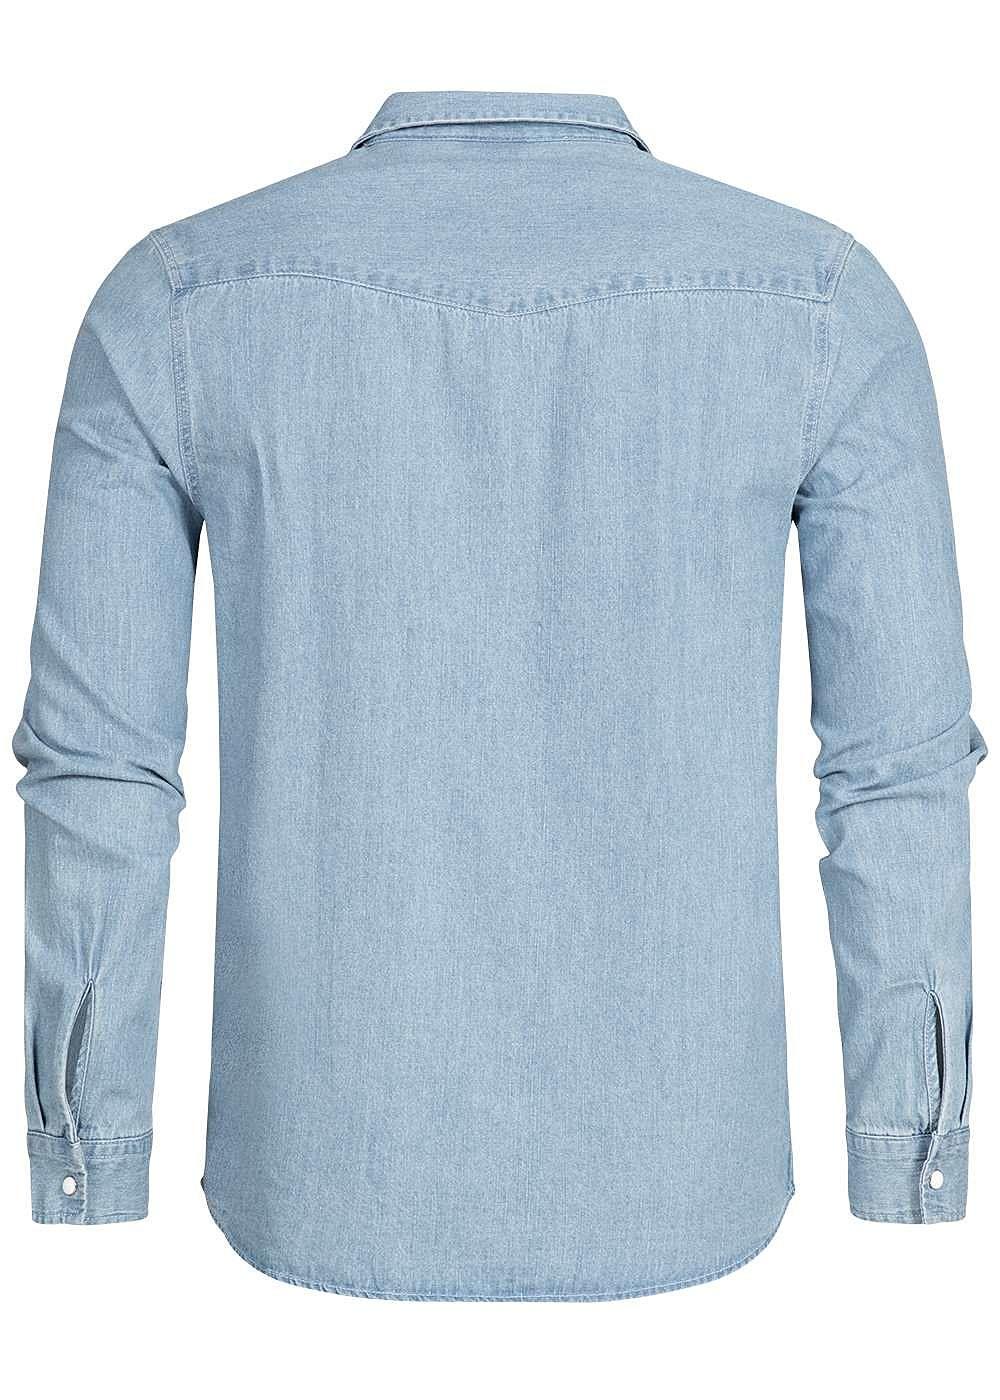 0e165c75ff186c Hailys Men Jeans Hemd 2 Brusttaschen hell blau denim - 77onlineshop